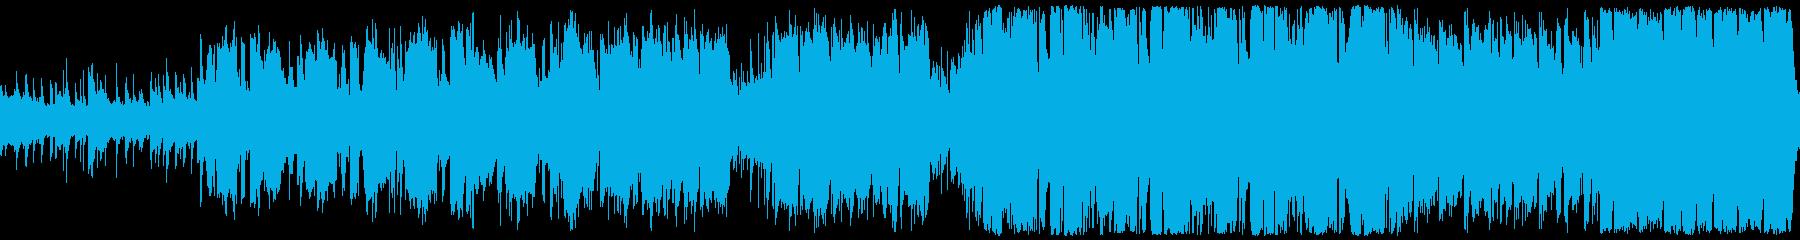 ほのぼのケルトBGMの再生済みの波形